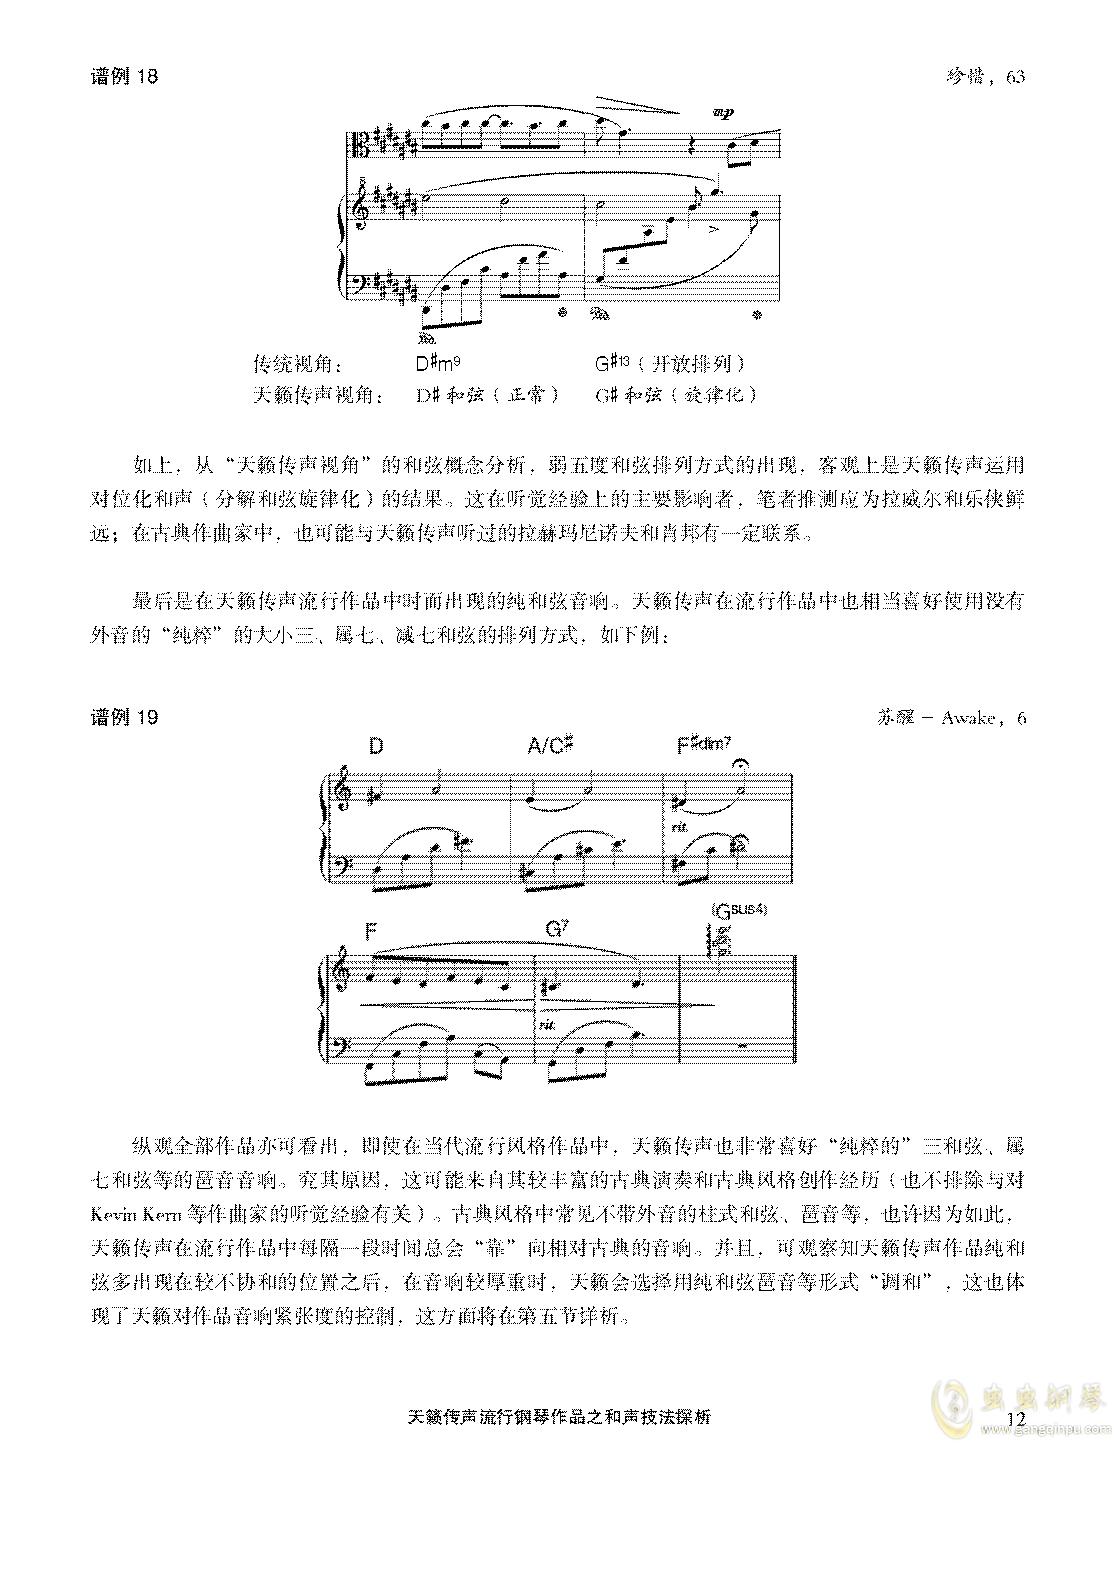 天籁传声和声技法探析澳门星际官网 第12页